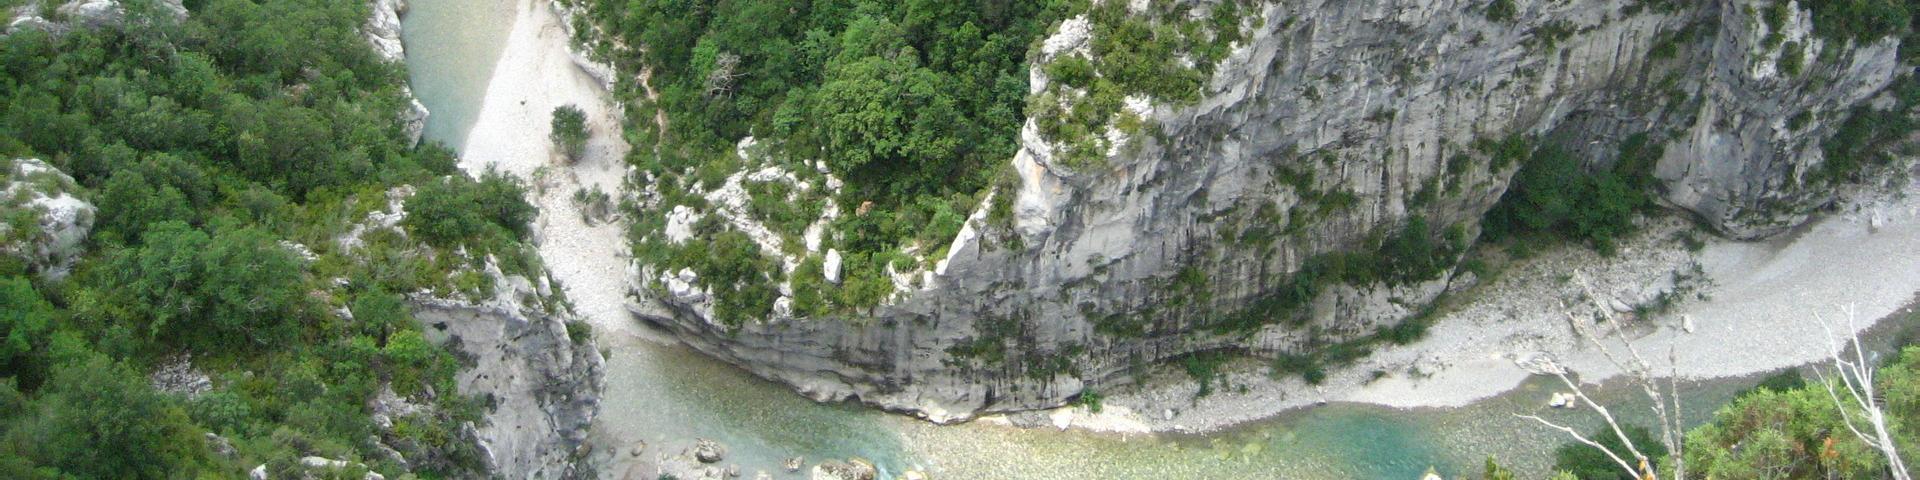 Vue des gorges du Verdon, France